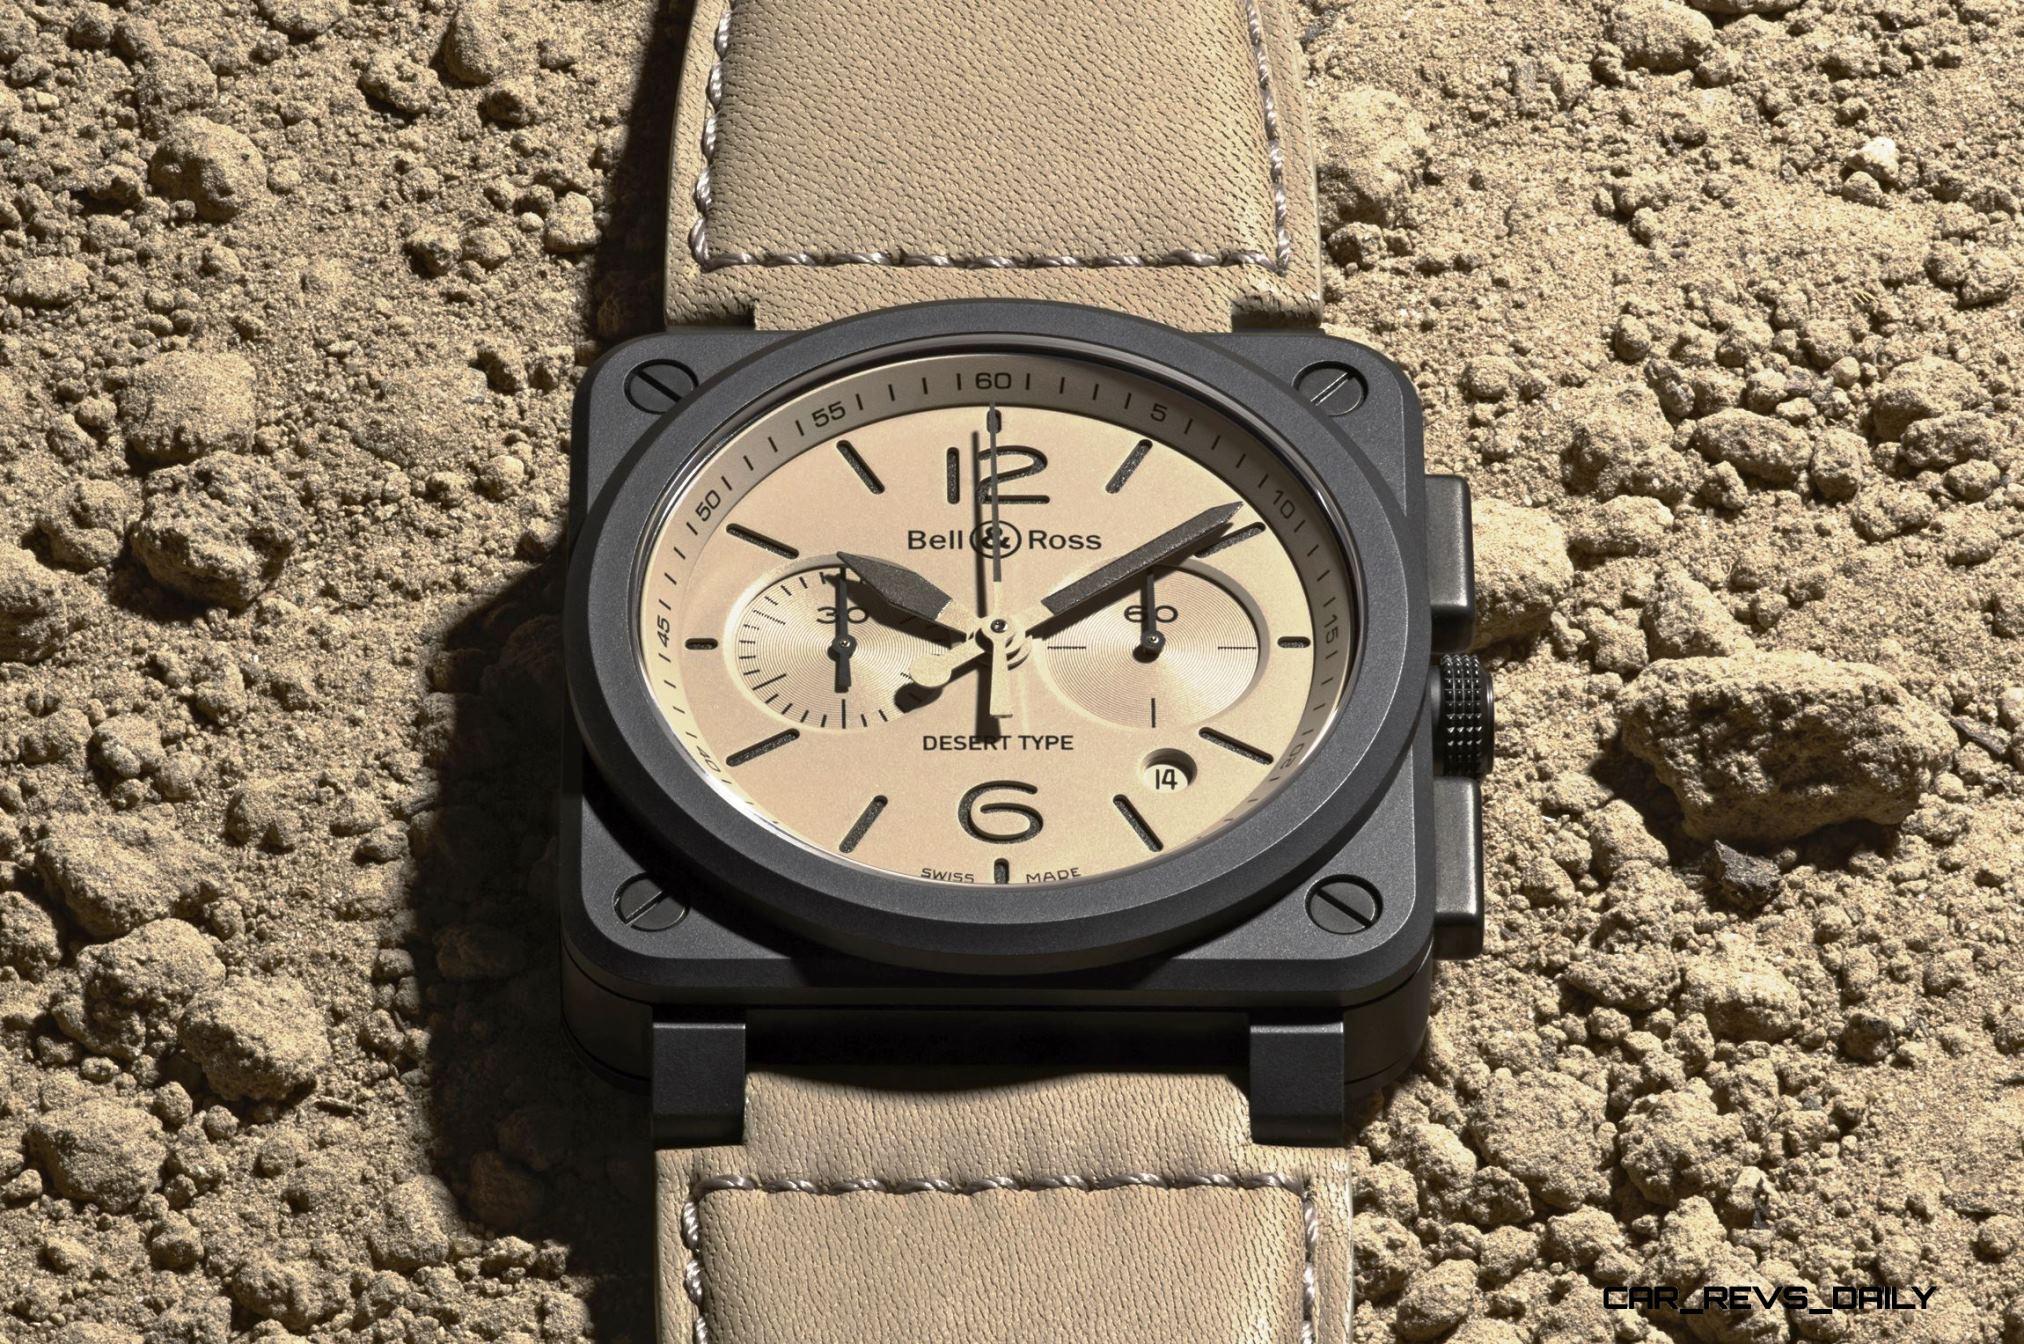 Bell & Ross BR03 Desert Type